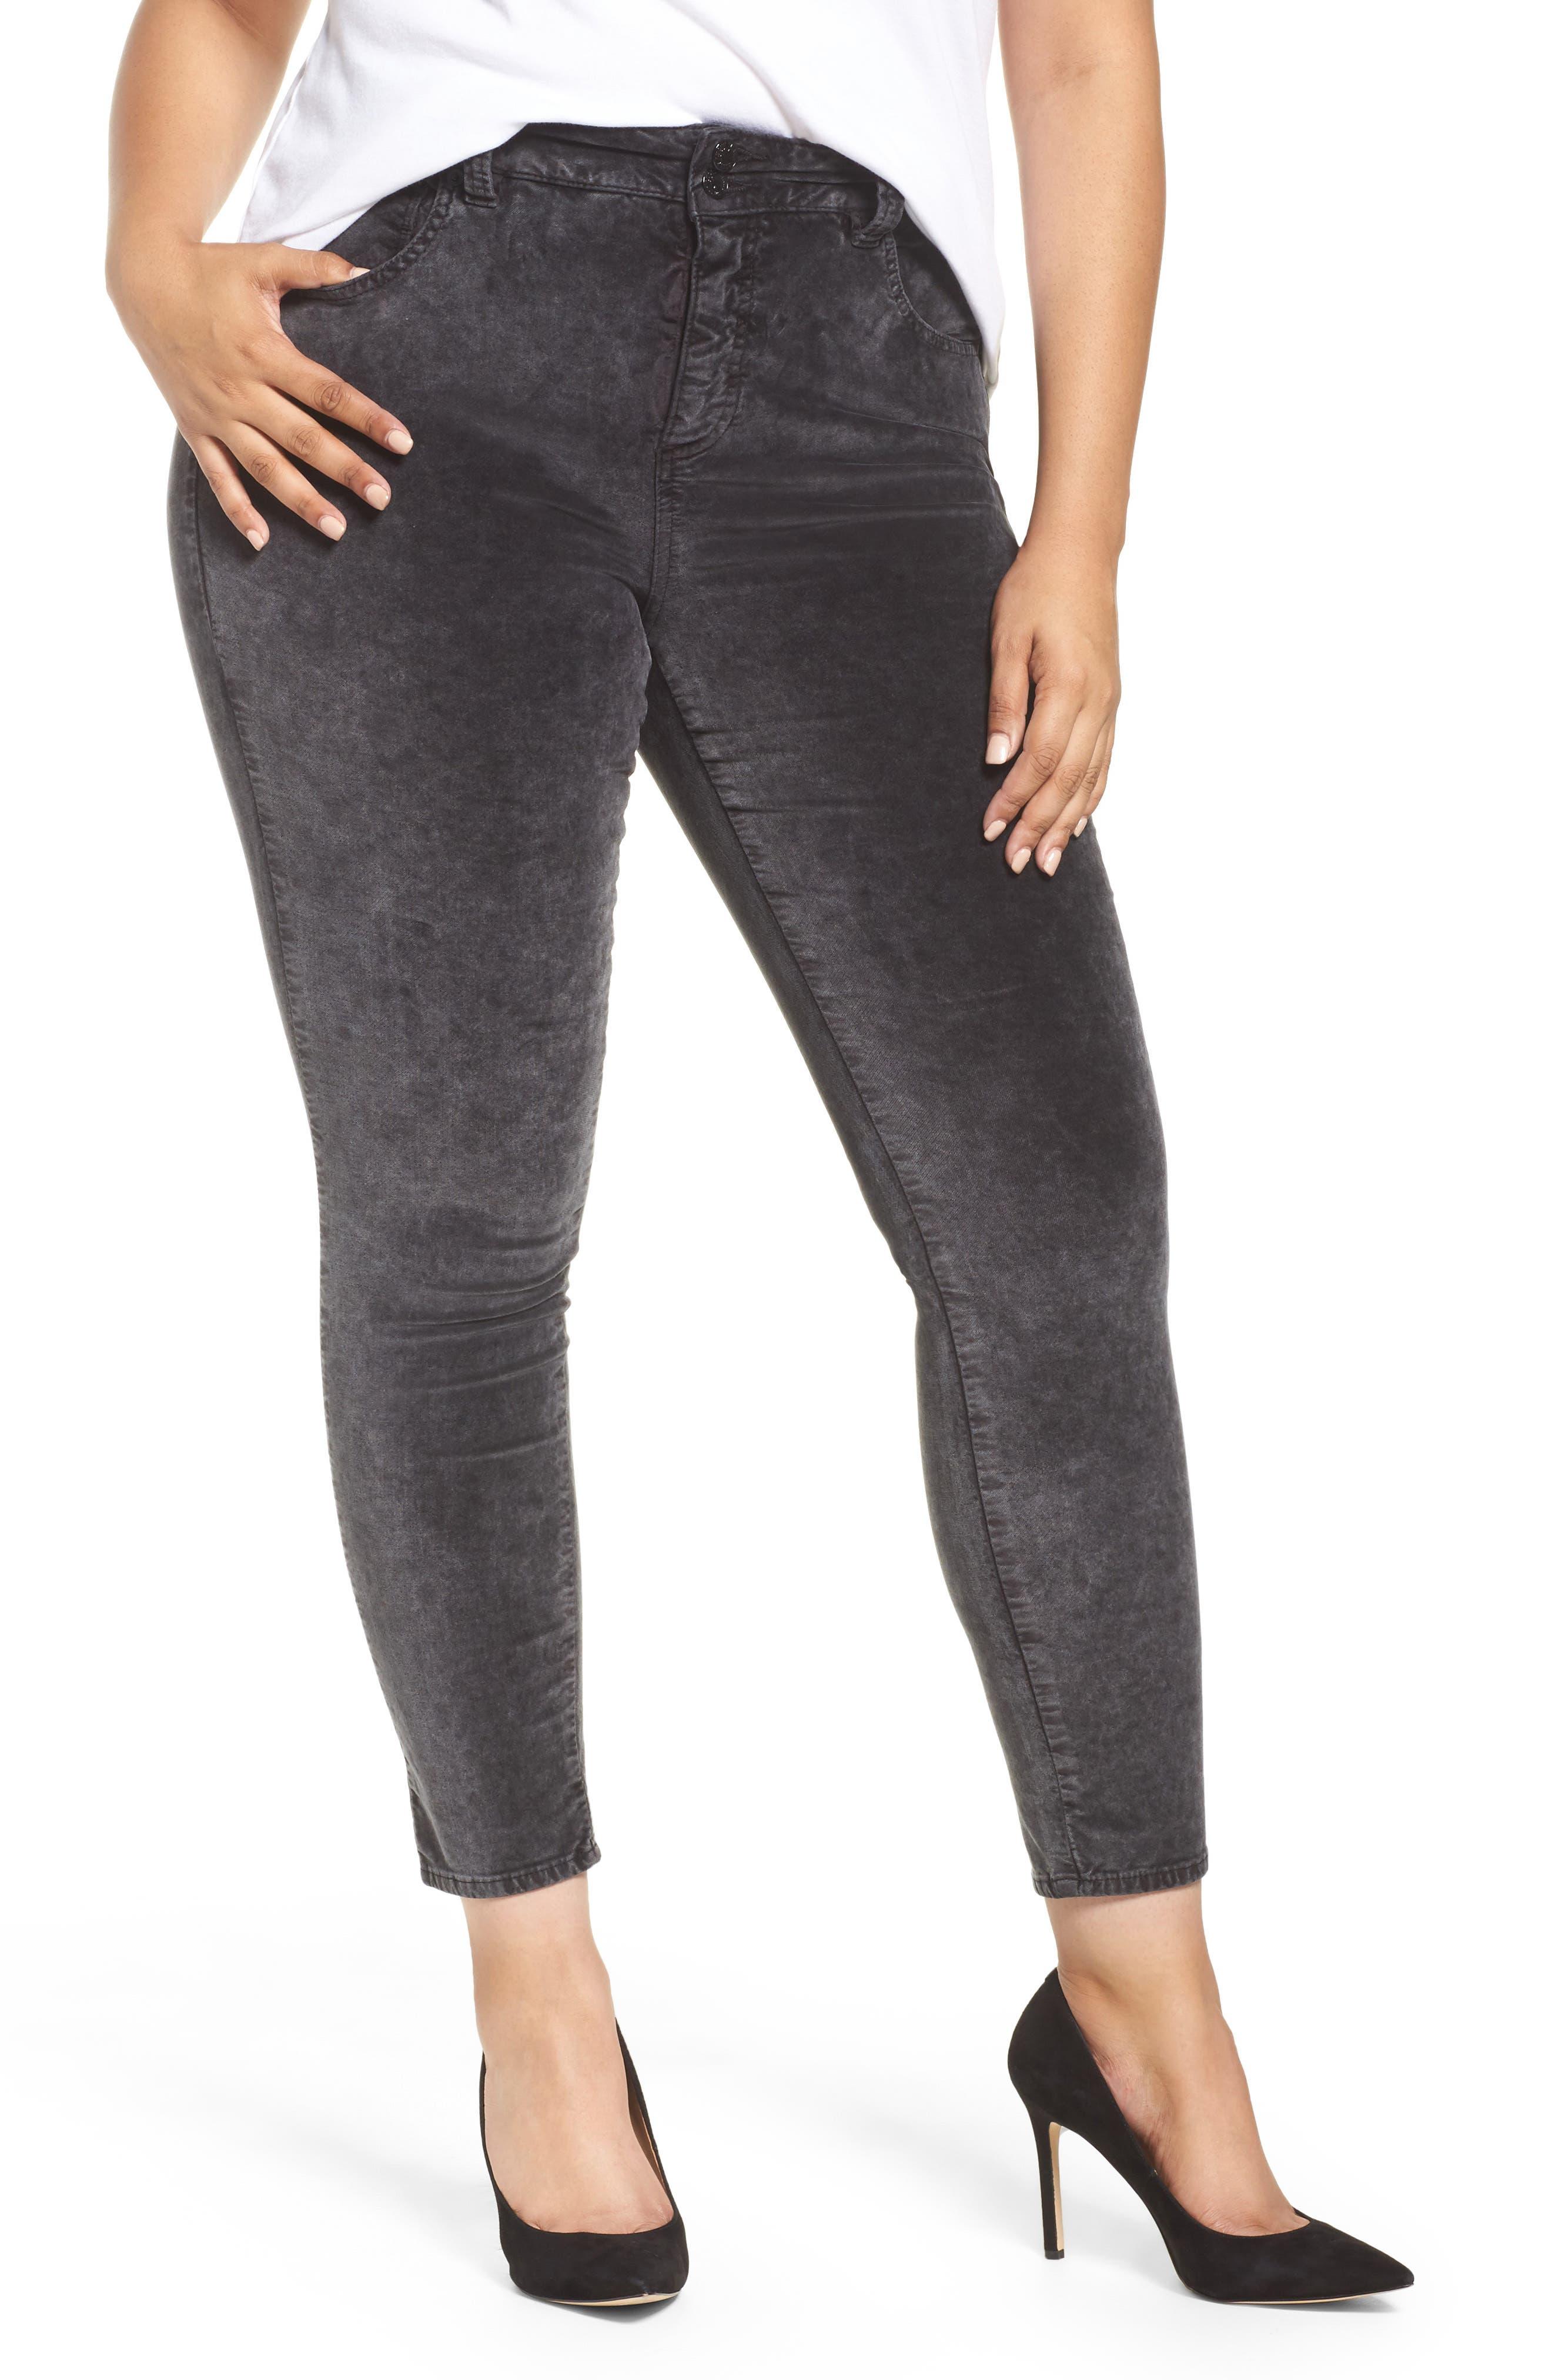 Main Image - Lucky Brand Emma Legging Jeans (Parkman) (Plus Size)